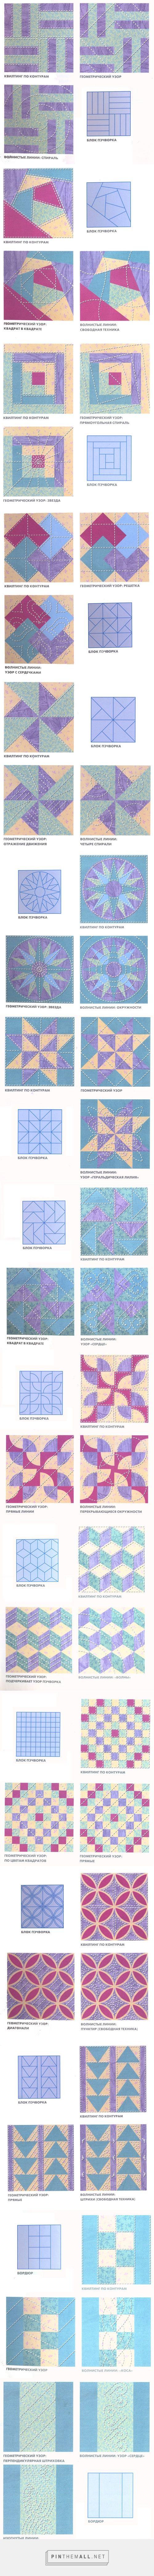 Идеи для лоскутного шитья, схемы. Узоры для пэчворка / Пэчворк, лоскутное шитье…